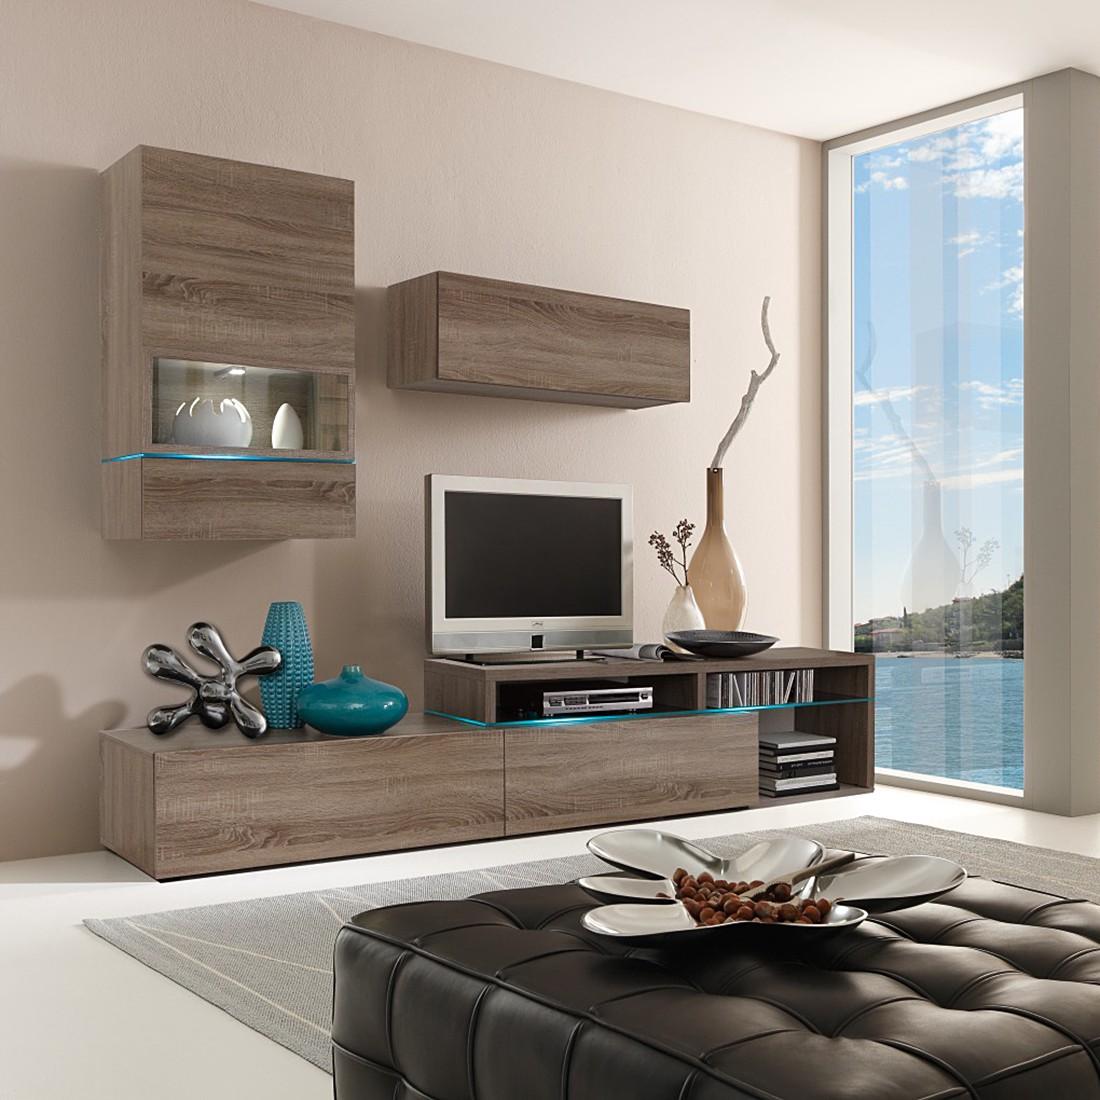 wohnwand colourart 6 teilig eiche sonoma dekor tr ffel ohne beleuchtung cs schmal bestellen. Black Bedroom Furniture Sets. Home Design Ideas